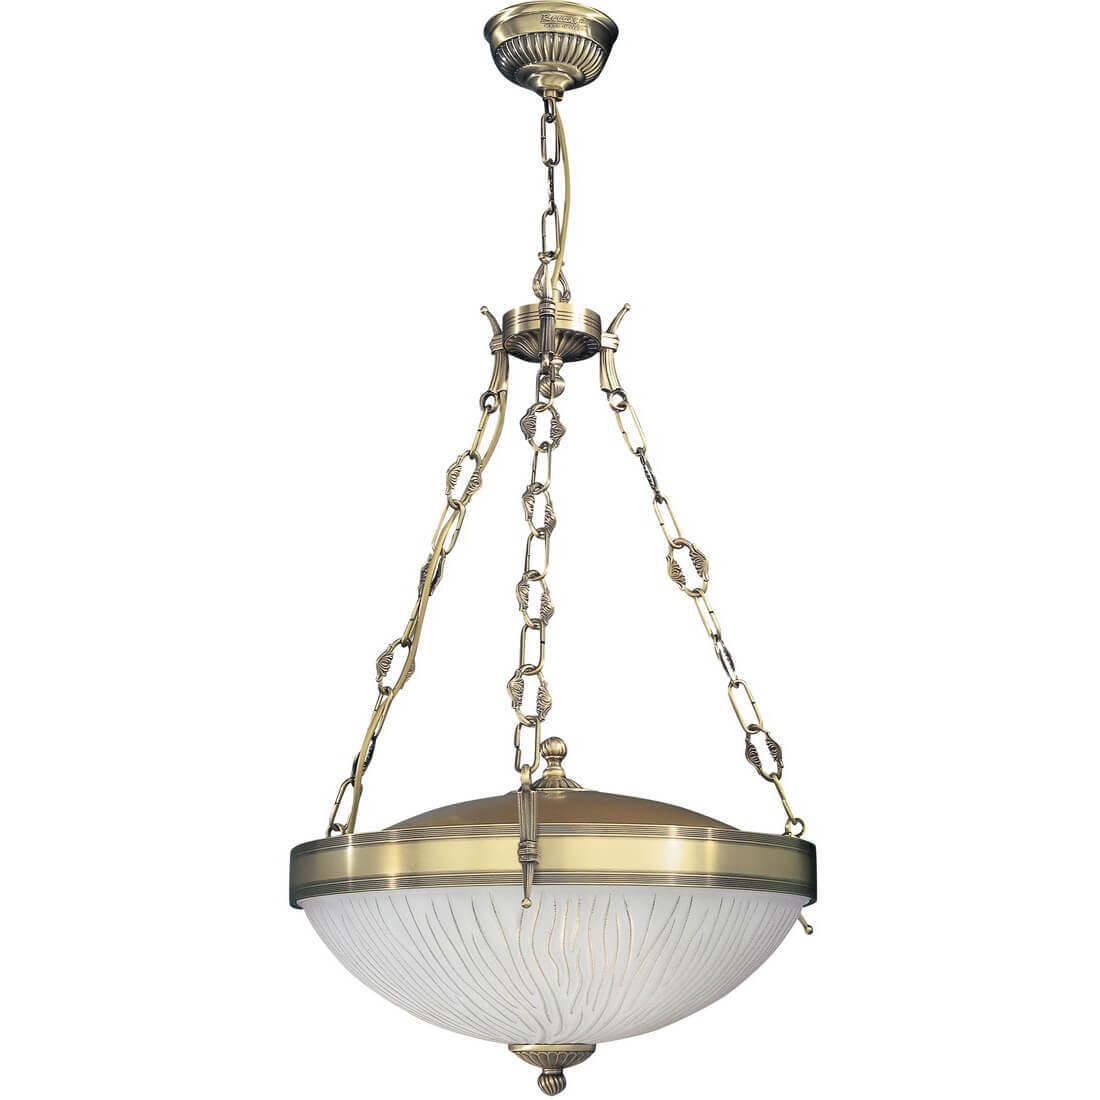 Фото Подвесной светильник Reccagni Angelo 5610 L 5610/3